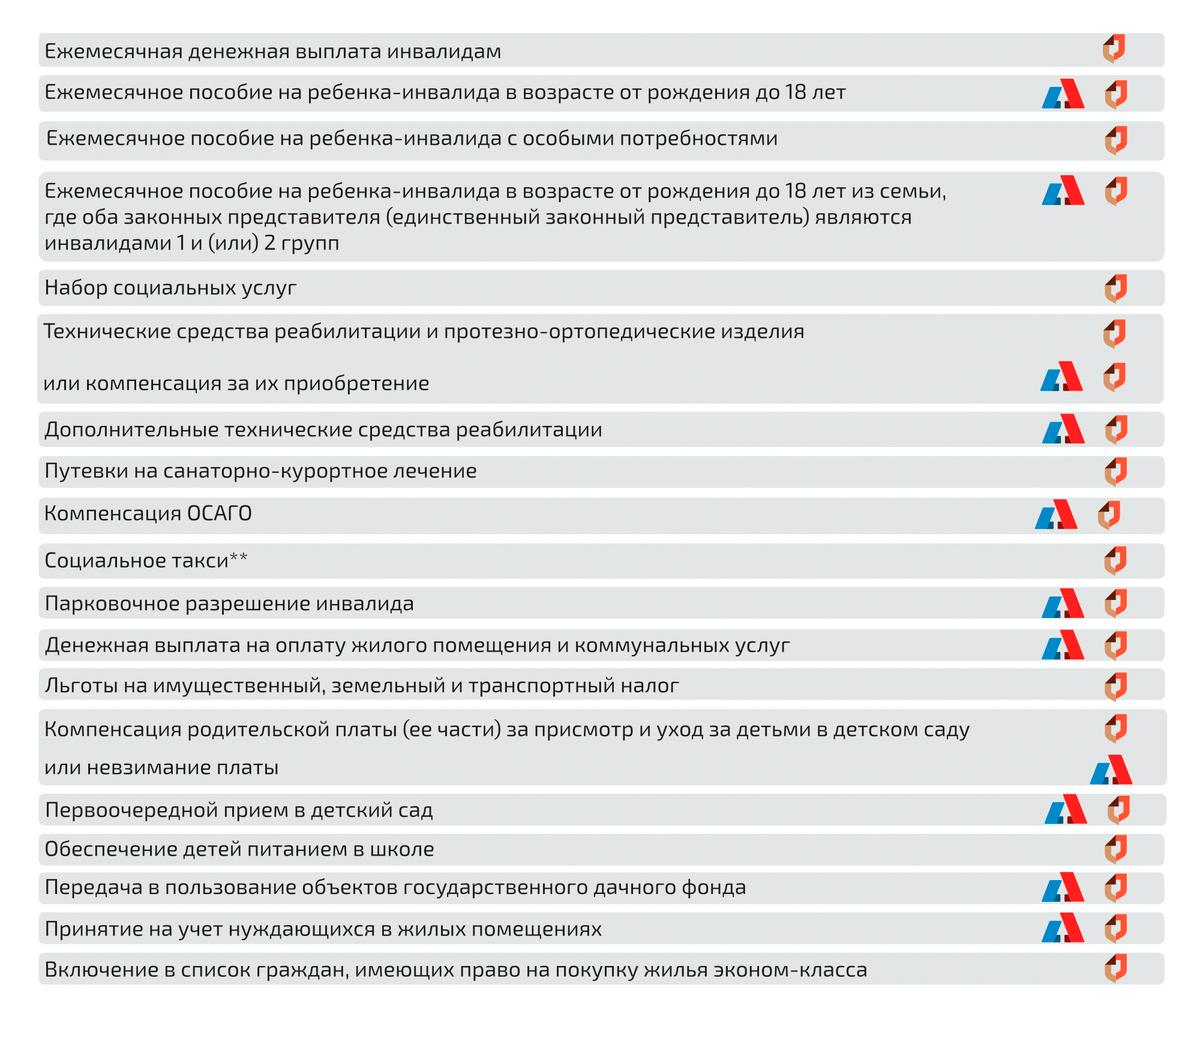 Вот перечень всех льгот длядетей с инвалидностью в Санкт-Петербурге. Многие из них я не оформляла: машины у меня нет, поэтому компенсация за ОСАГО и парковочное разрешение человека с инвалидностью нам не актуальны. Источник: Правительство Санкт-Петербурга